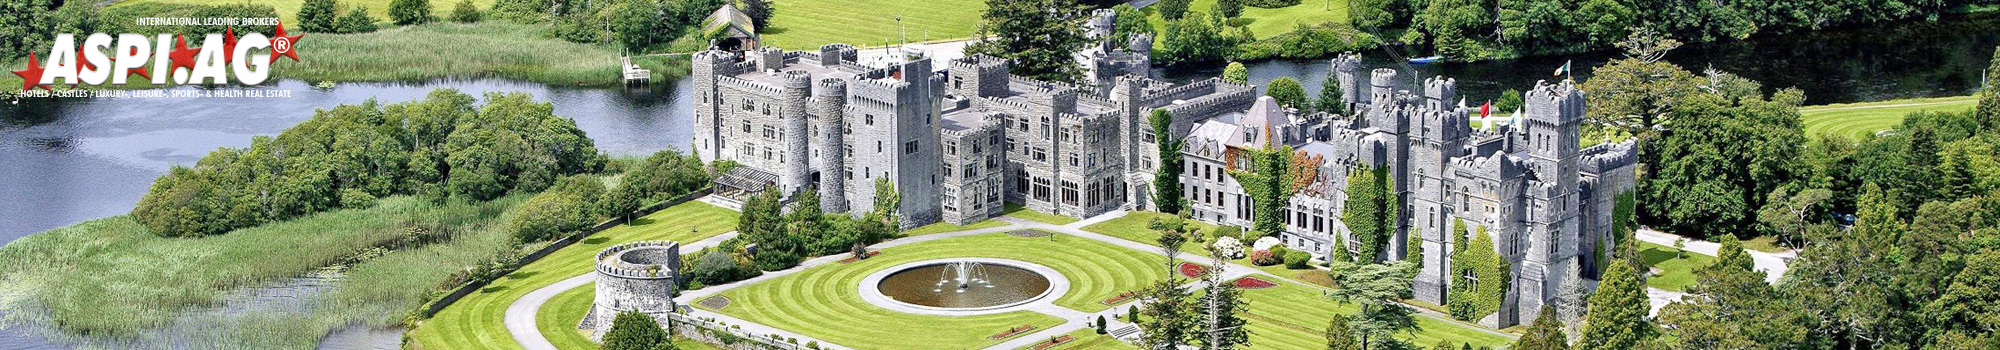 Schloss Burg Luxusimmobilie weltweit kaufen bei Fachmakler ASP Luxusimmobilienmakler